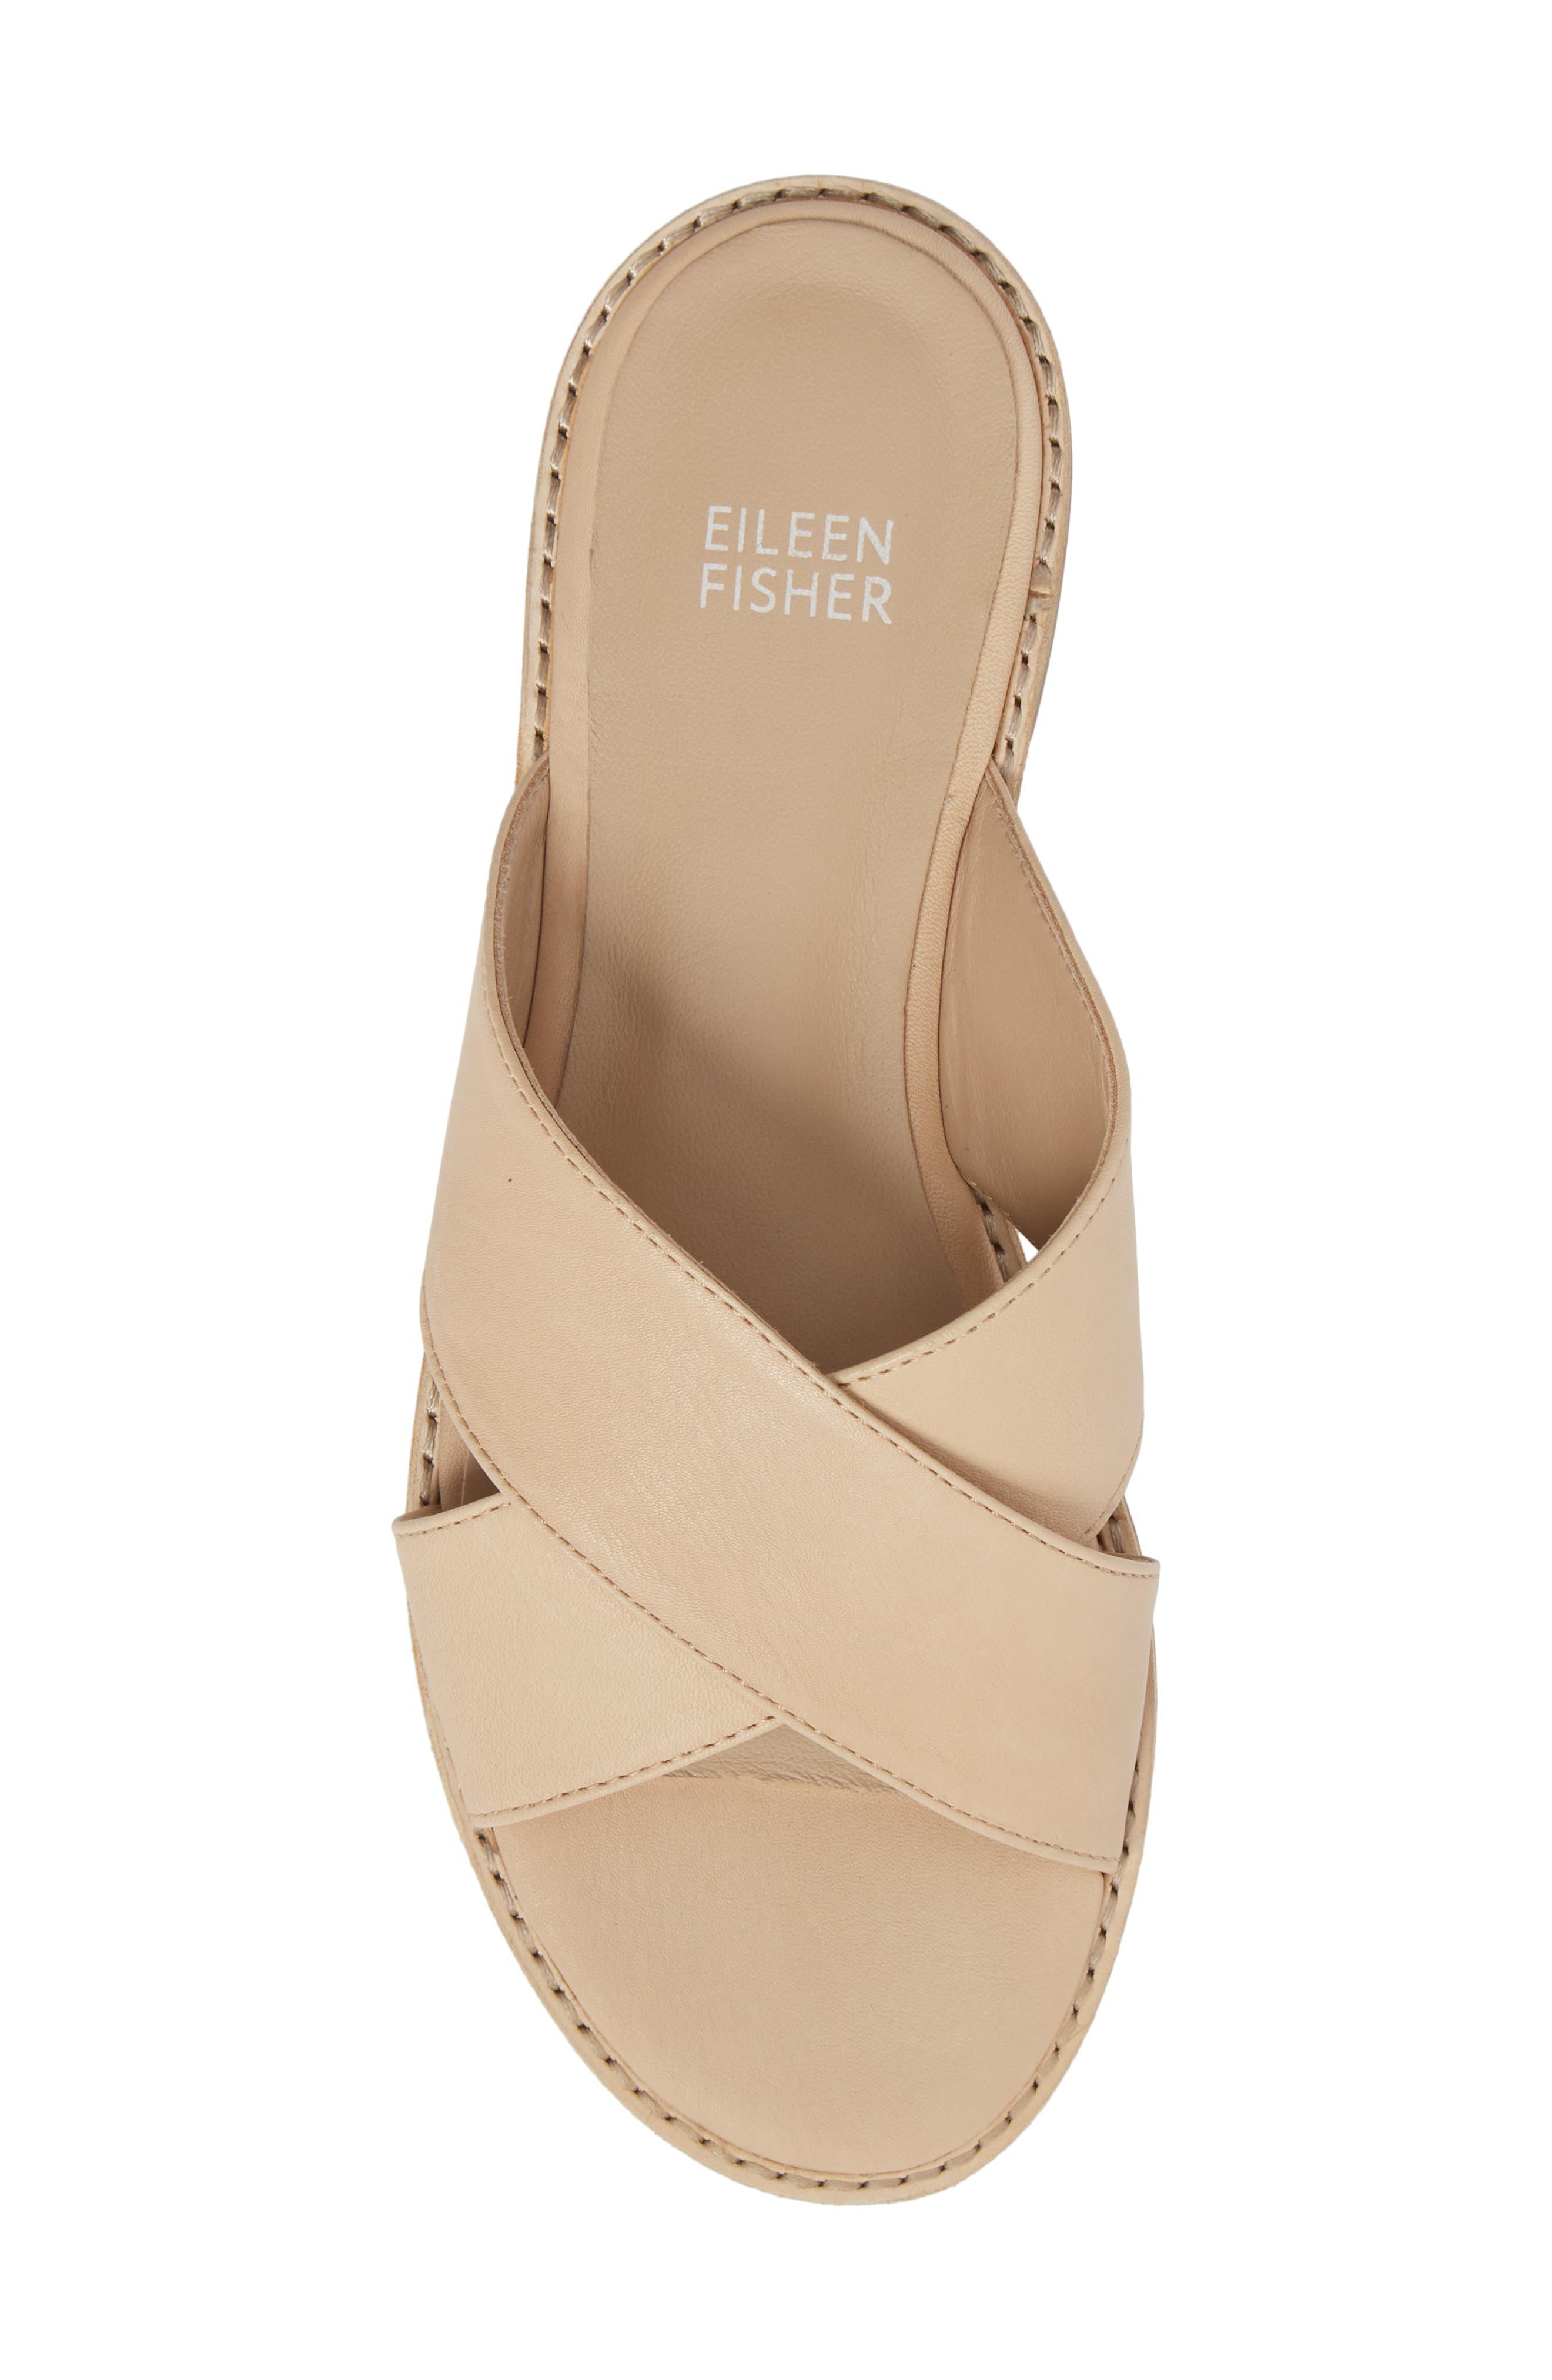 Cape Slide Sandal,                             Alternate thumbnail 5, color,                             Desert Leather